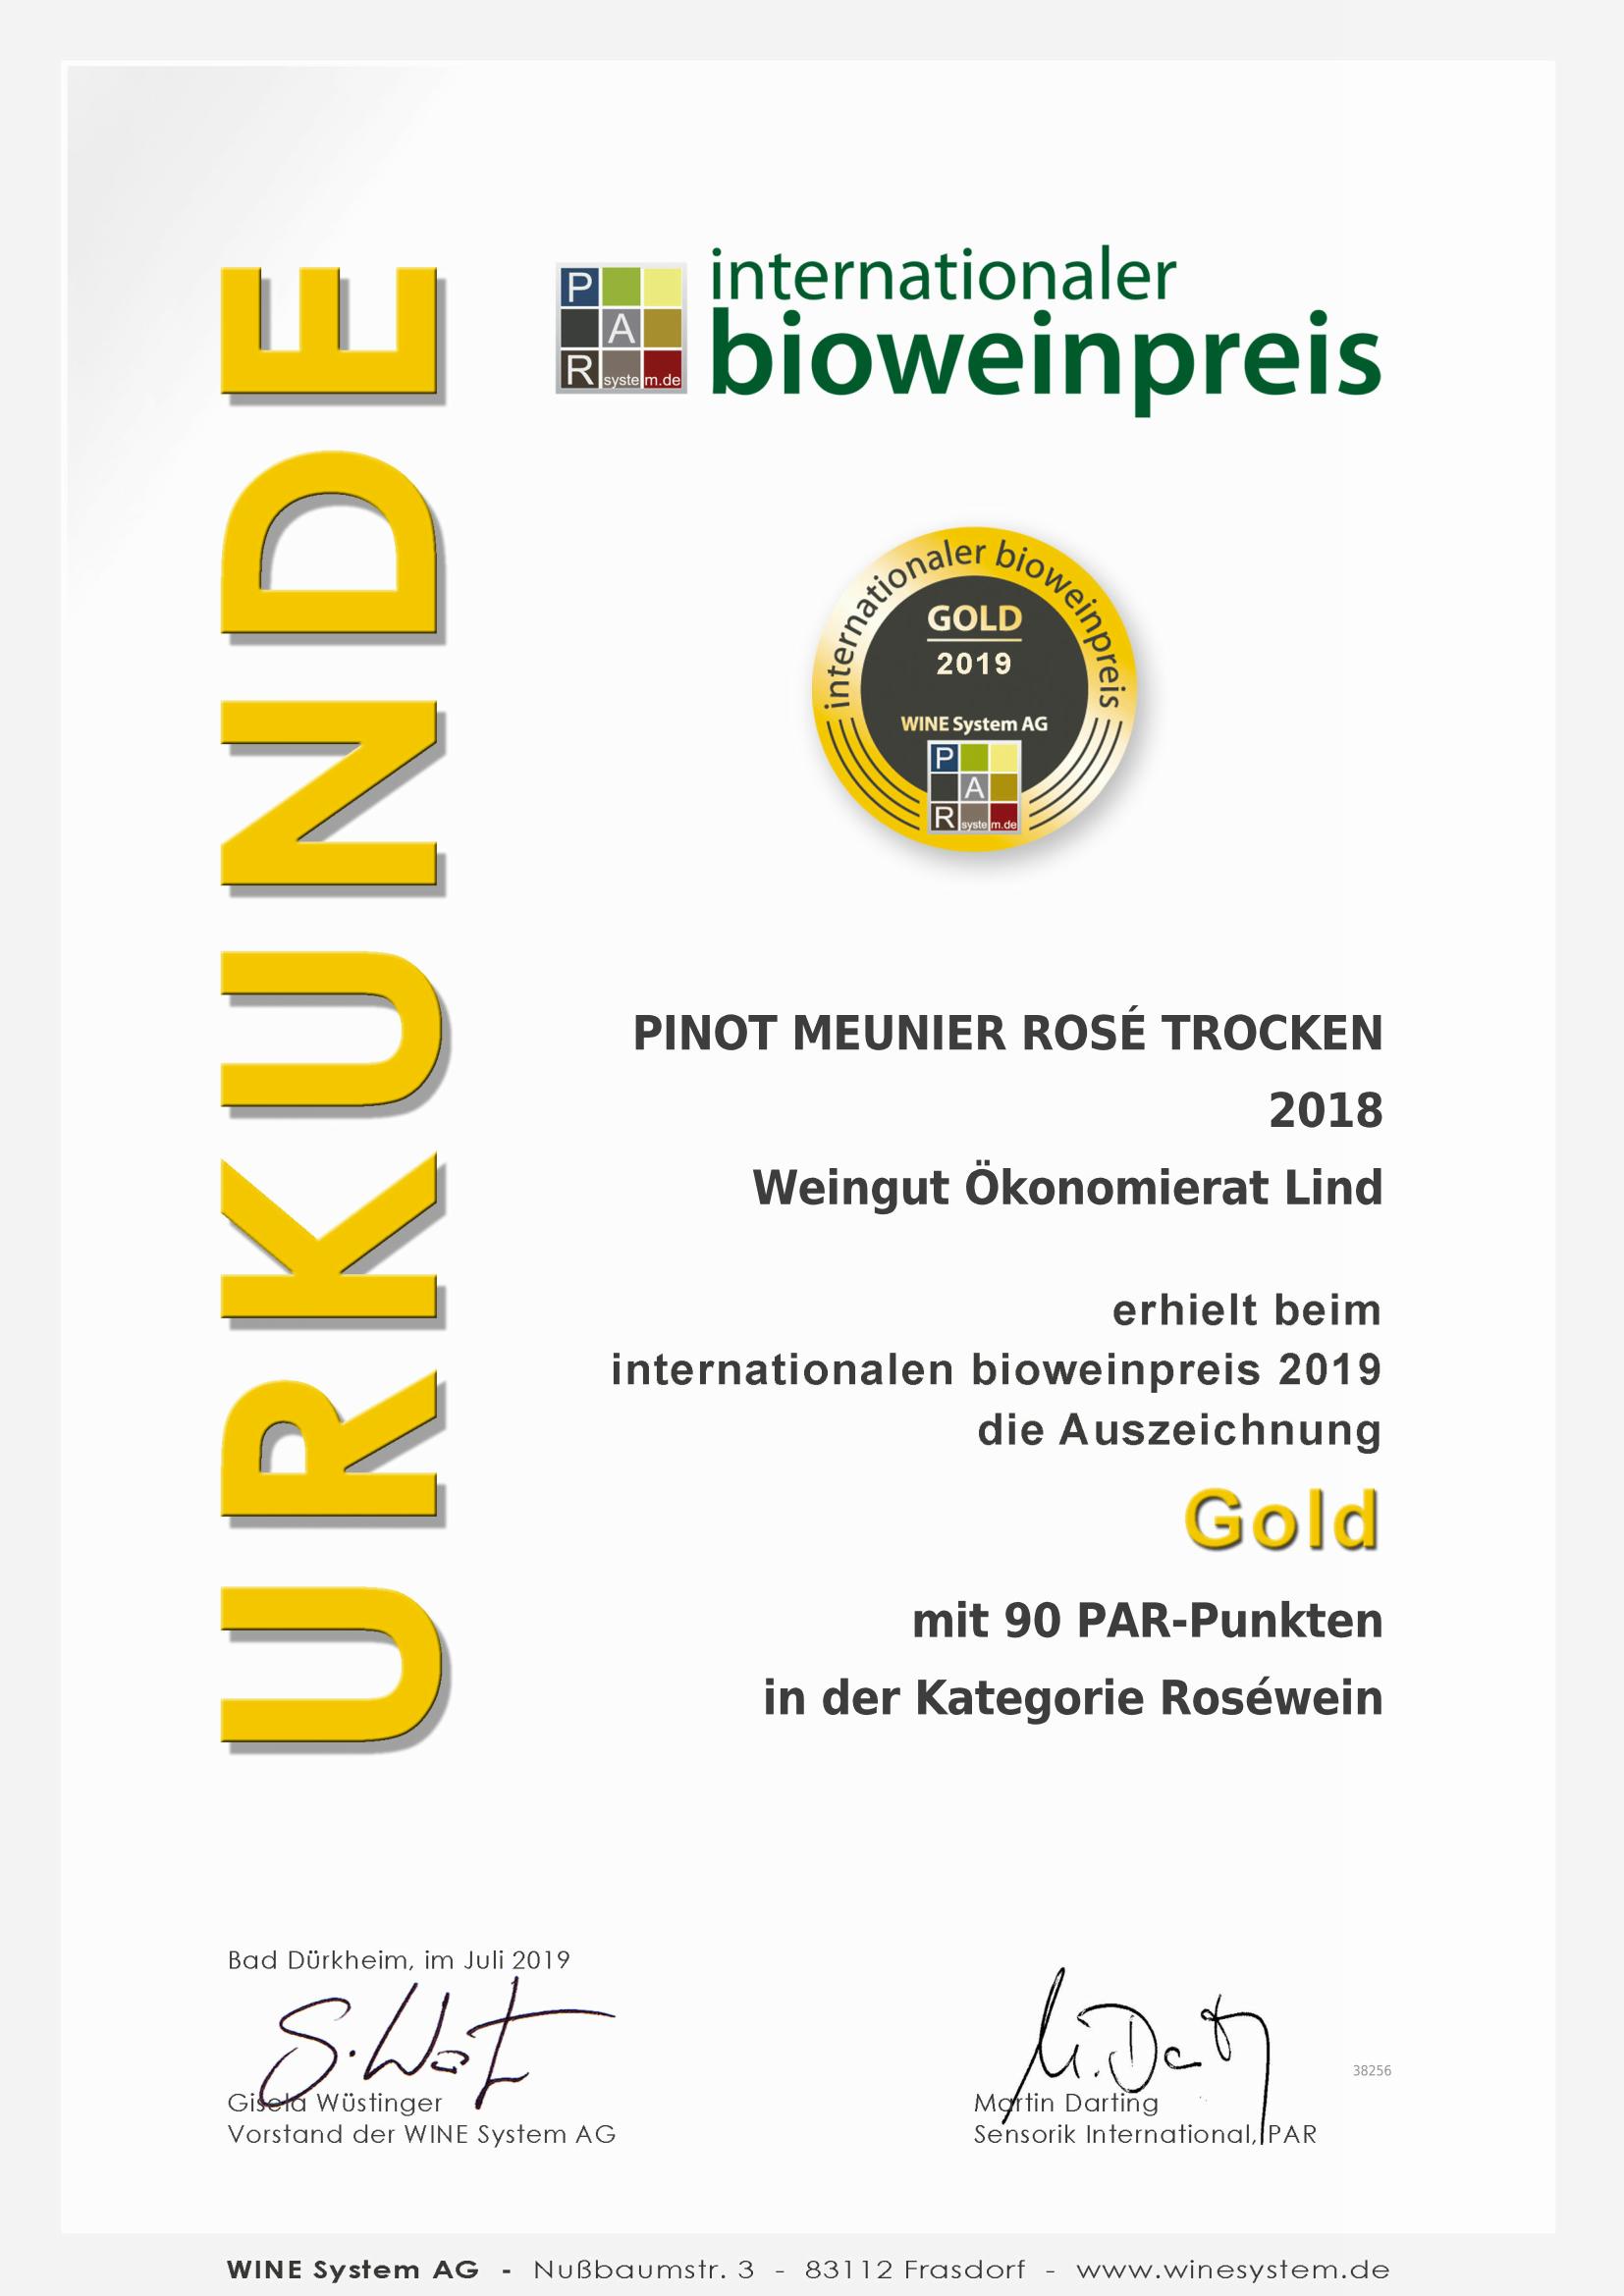 Internationaler Bioweinpreis Pinot Meunier Rosé 2018 - Gold